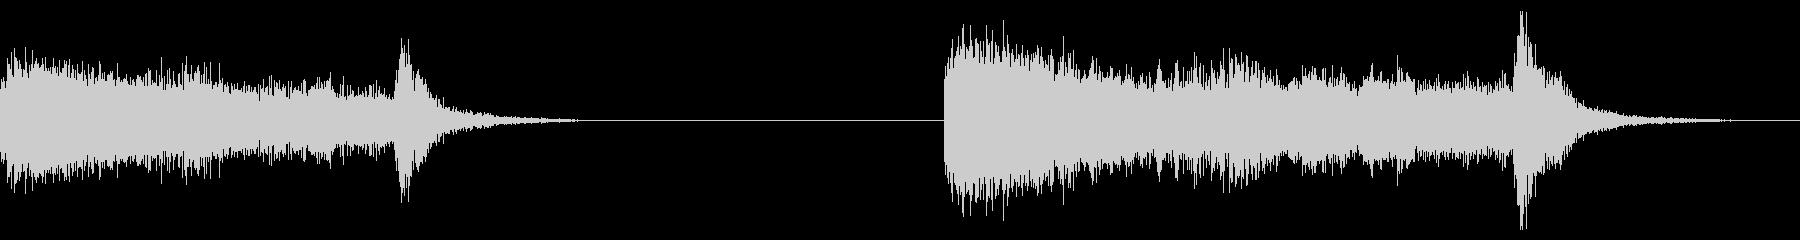 オーケストラエンディング、2バージ...の未再生の波形